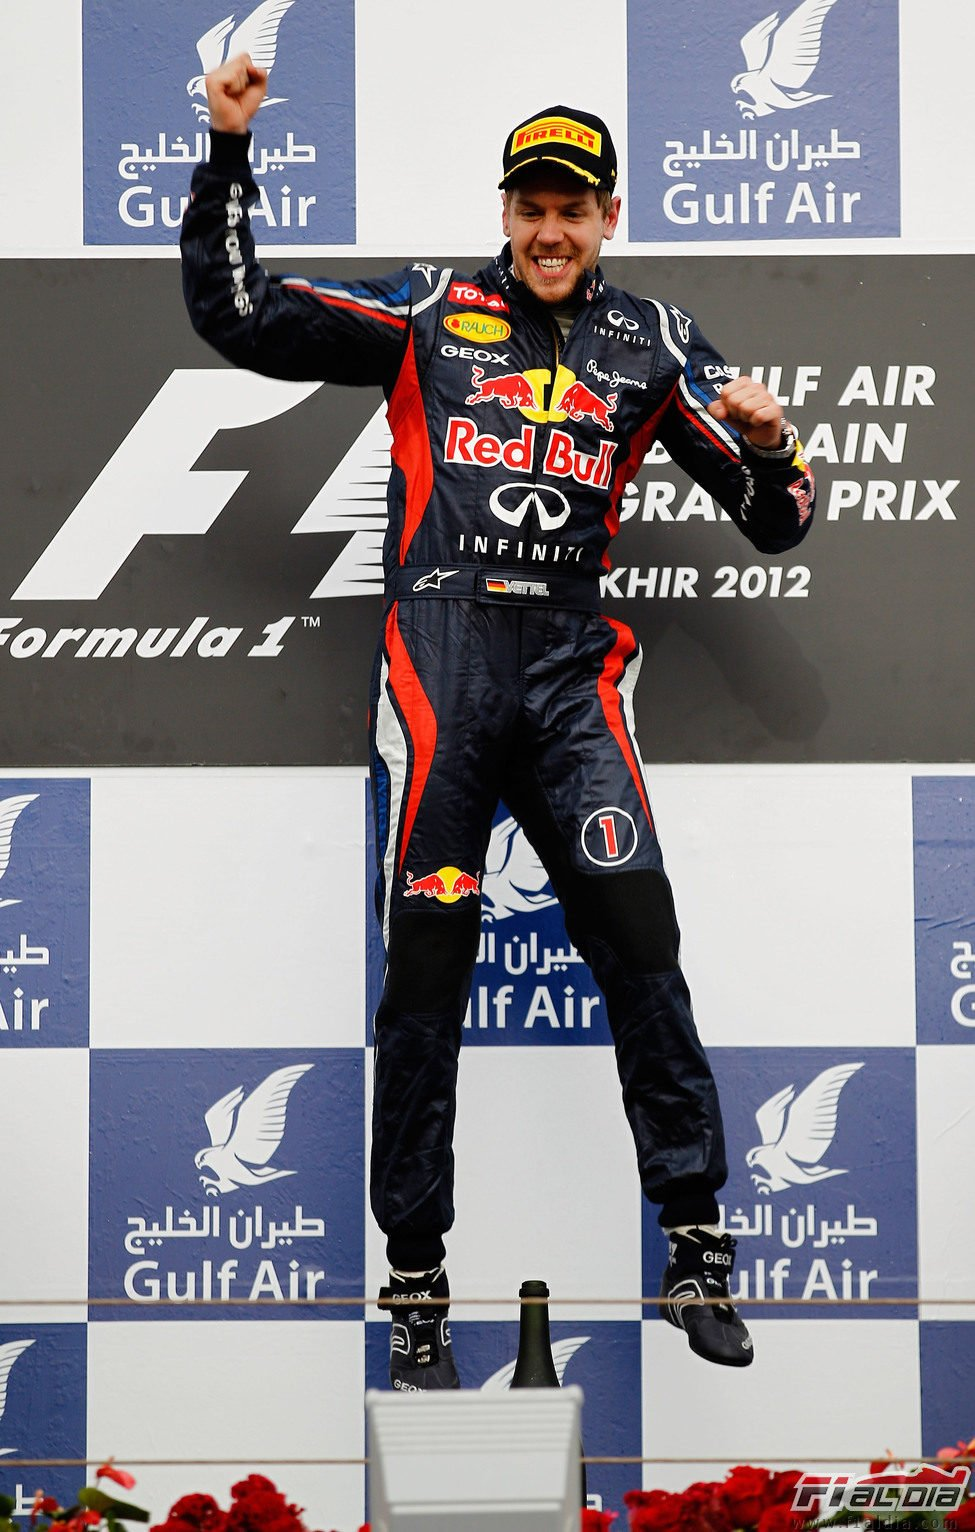 Vettel salta en el podio de Baréin